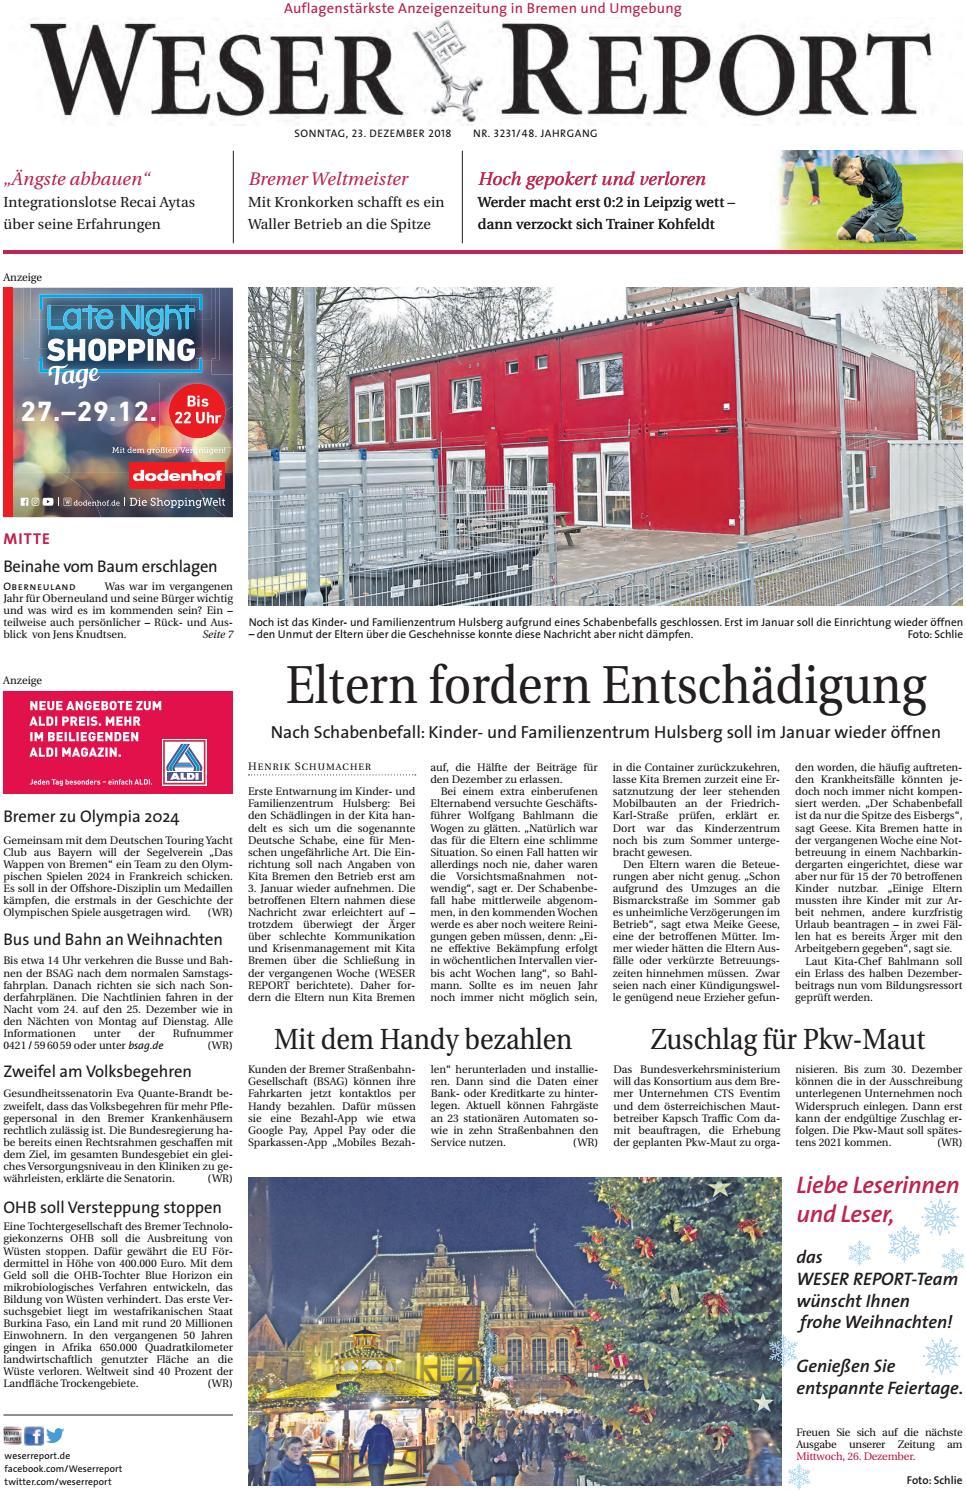 Weser Report - Mitte vom 23.12.2018 by KPS Verlagsgesellschaft mbH ...